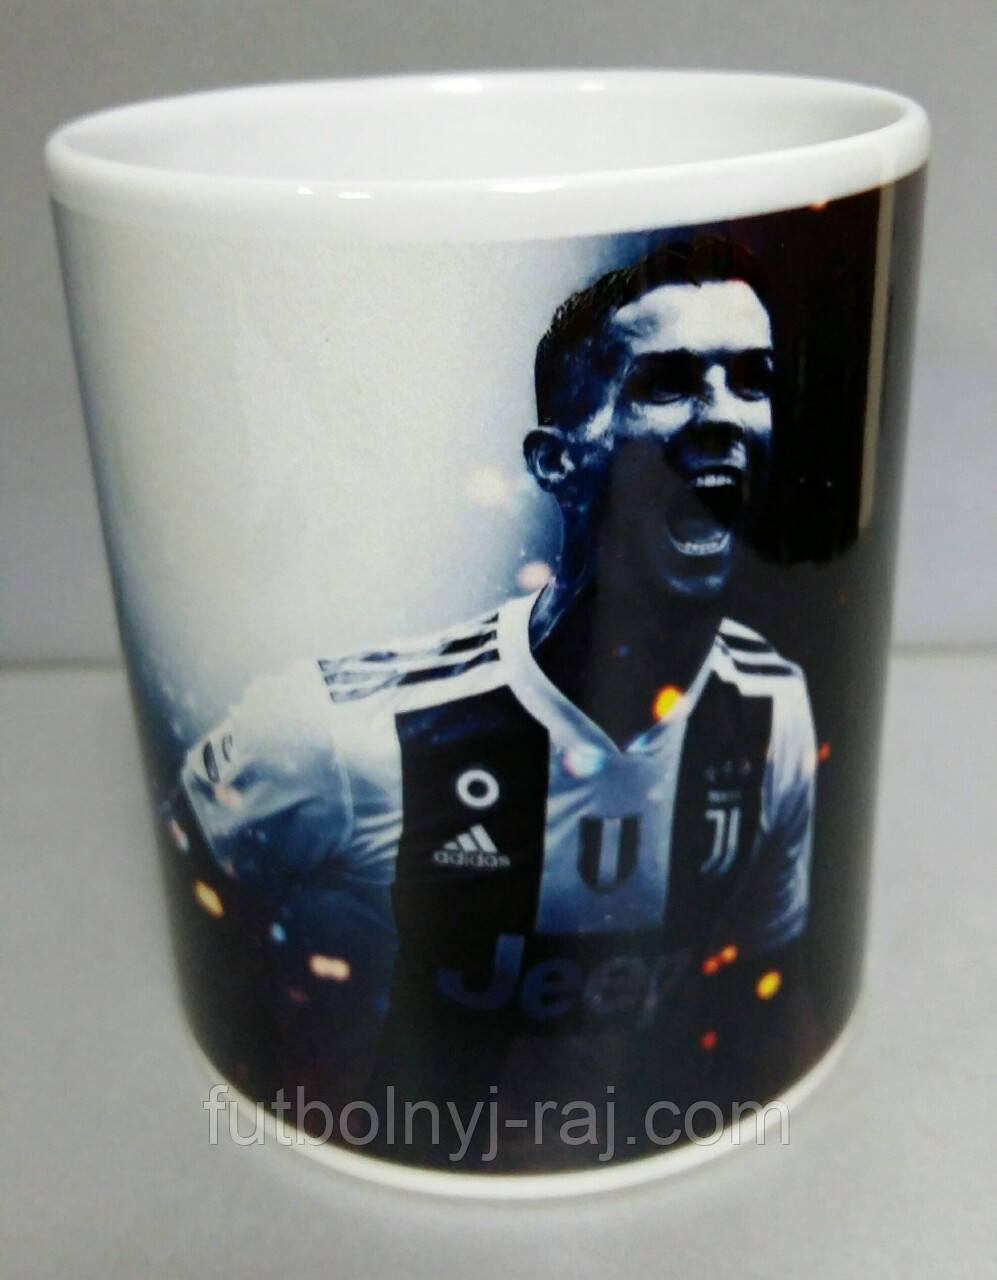 Чашка чайная футбольная с изображением Криштиану Роналду